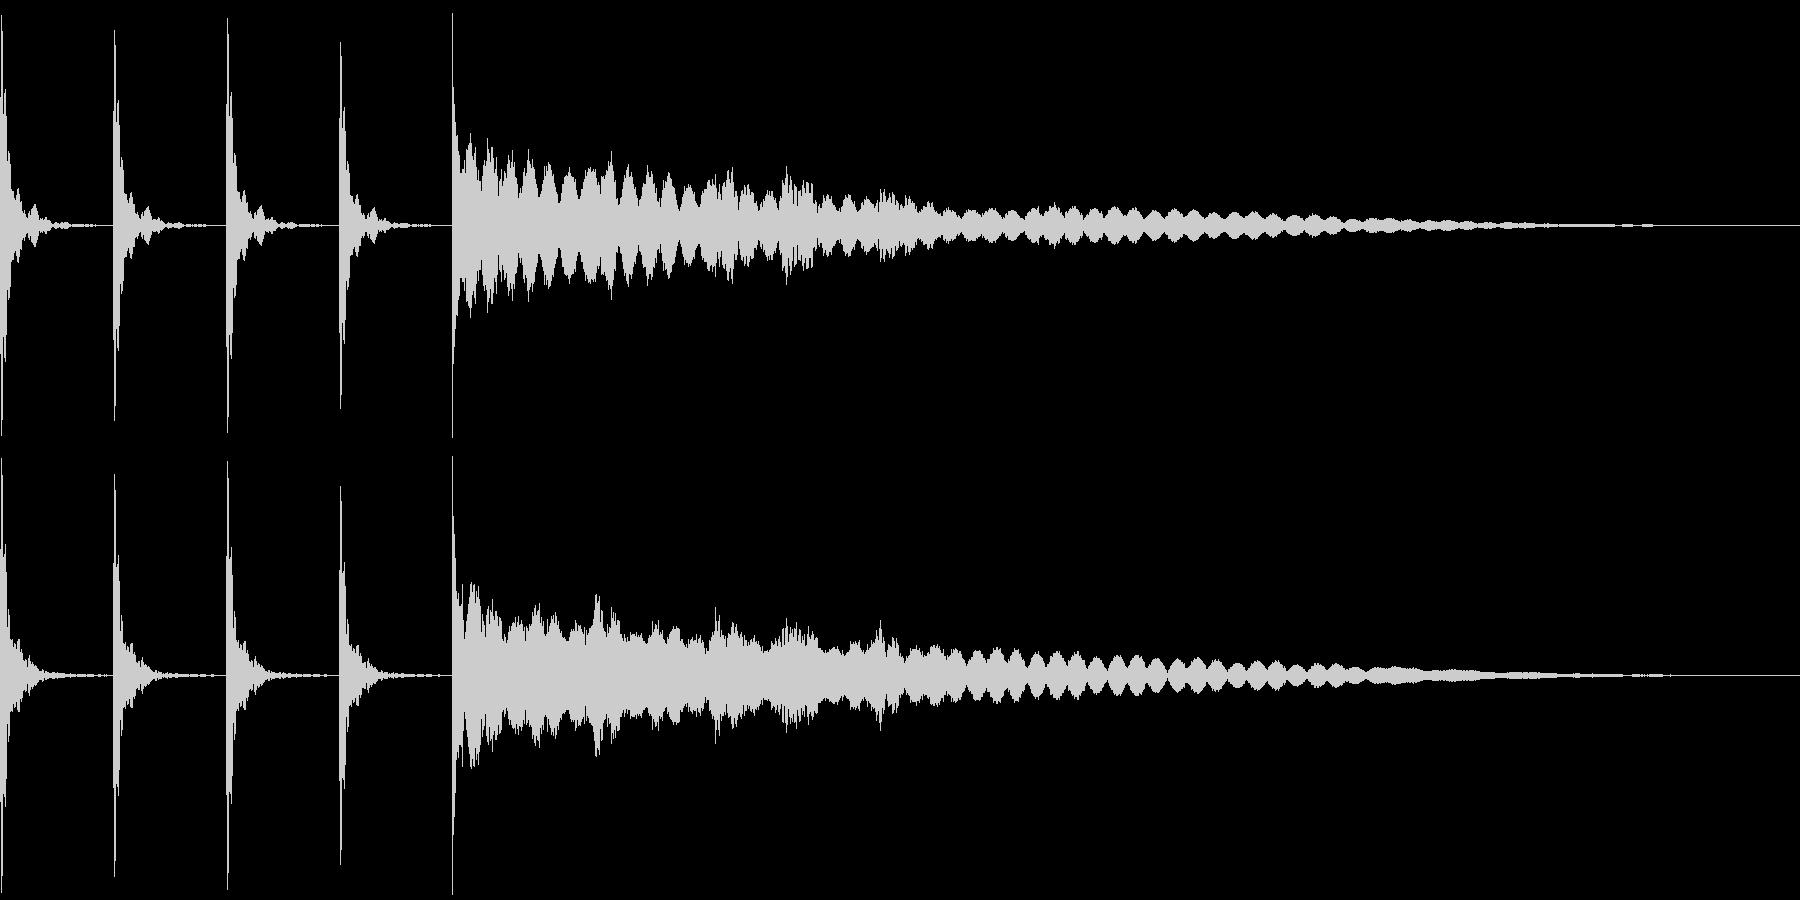 ポクポクポクチーン 木魚その1の未再生の波形